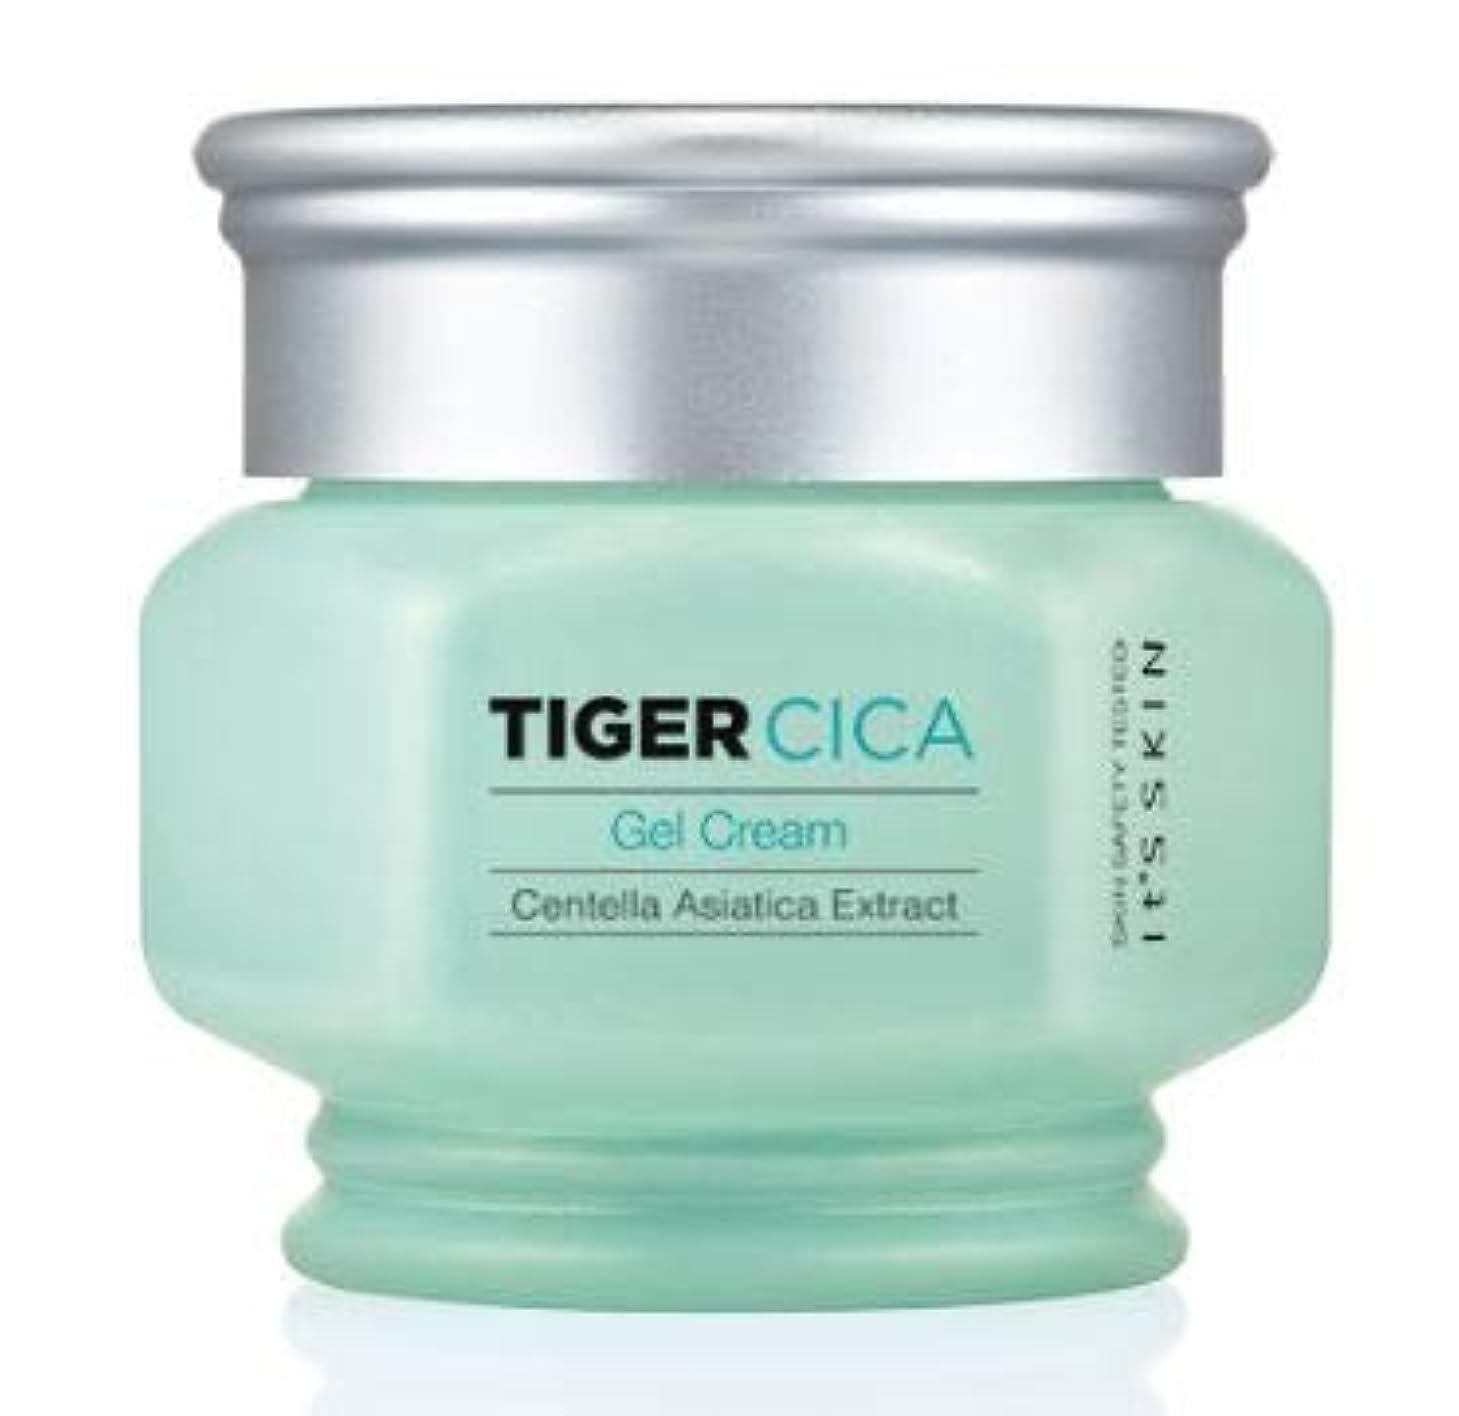 不純誘う振動する[It's Skin] Tiger Cica Gel Cream /[イッツスキン] タイガーシカ ジェル クリーム [並行輸入品]